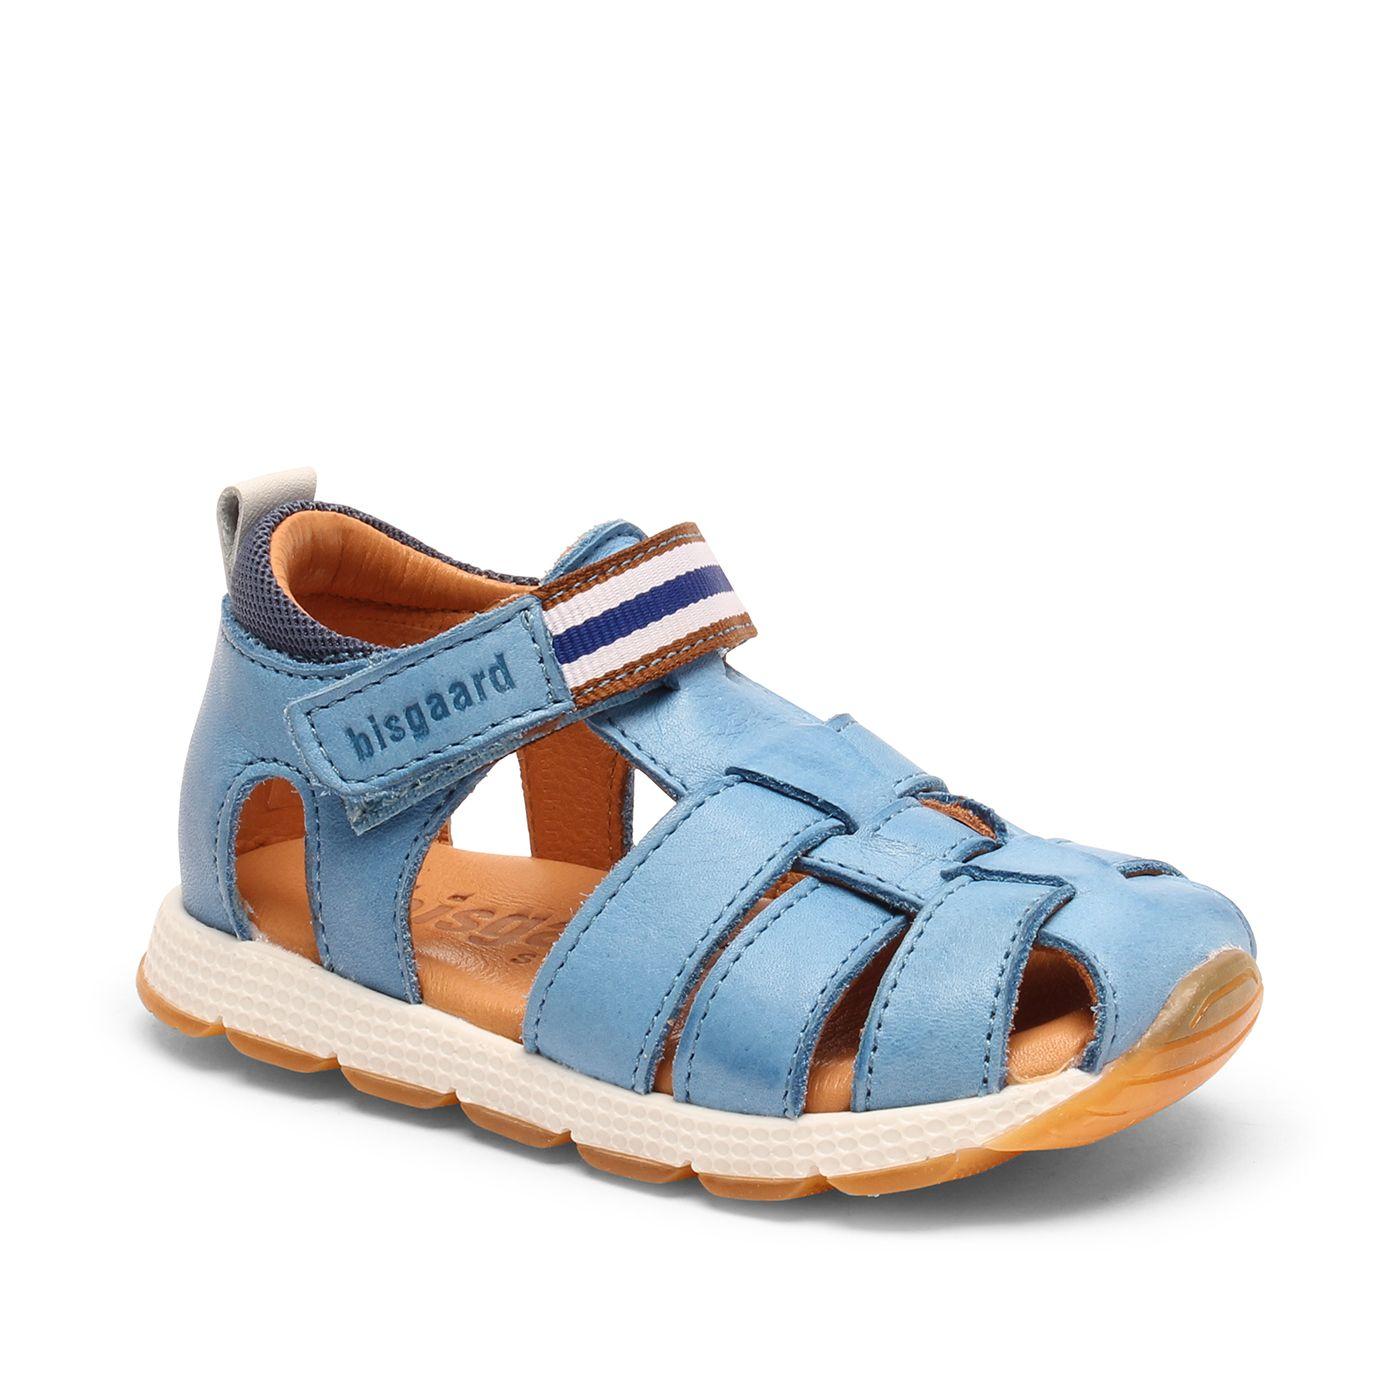 Bisgaard dětské kožené sandály 71241 - 1713